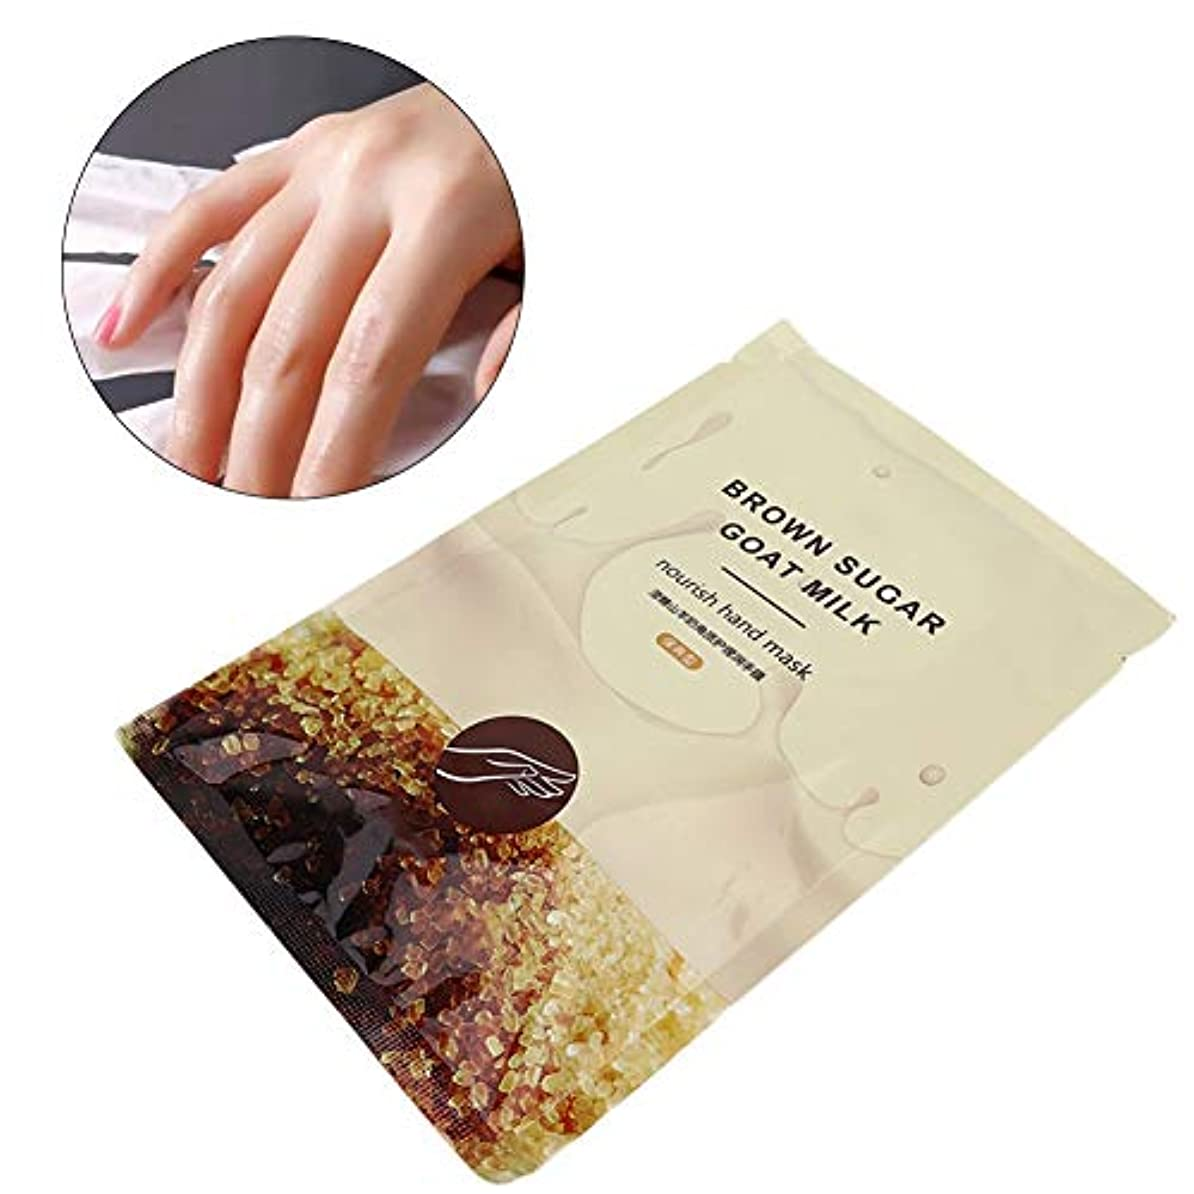 フロー裏切り者本を読むxuuyuu ハンドマスク ハンドケア ハンドパック 手 角質ケア 保湿 潤い 美白 スキンケア エイジングケア 手荒れ 使用簡単 1ペア